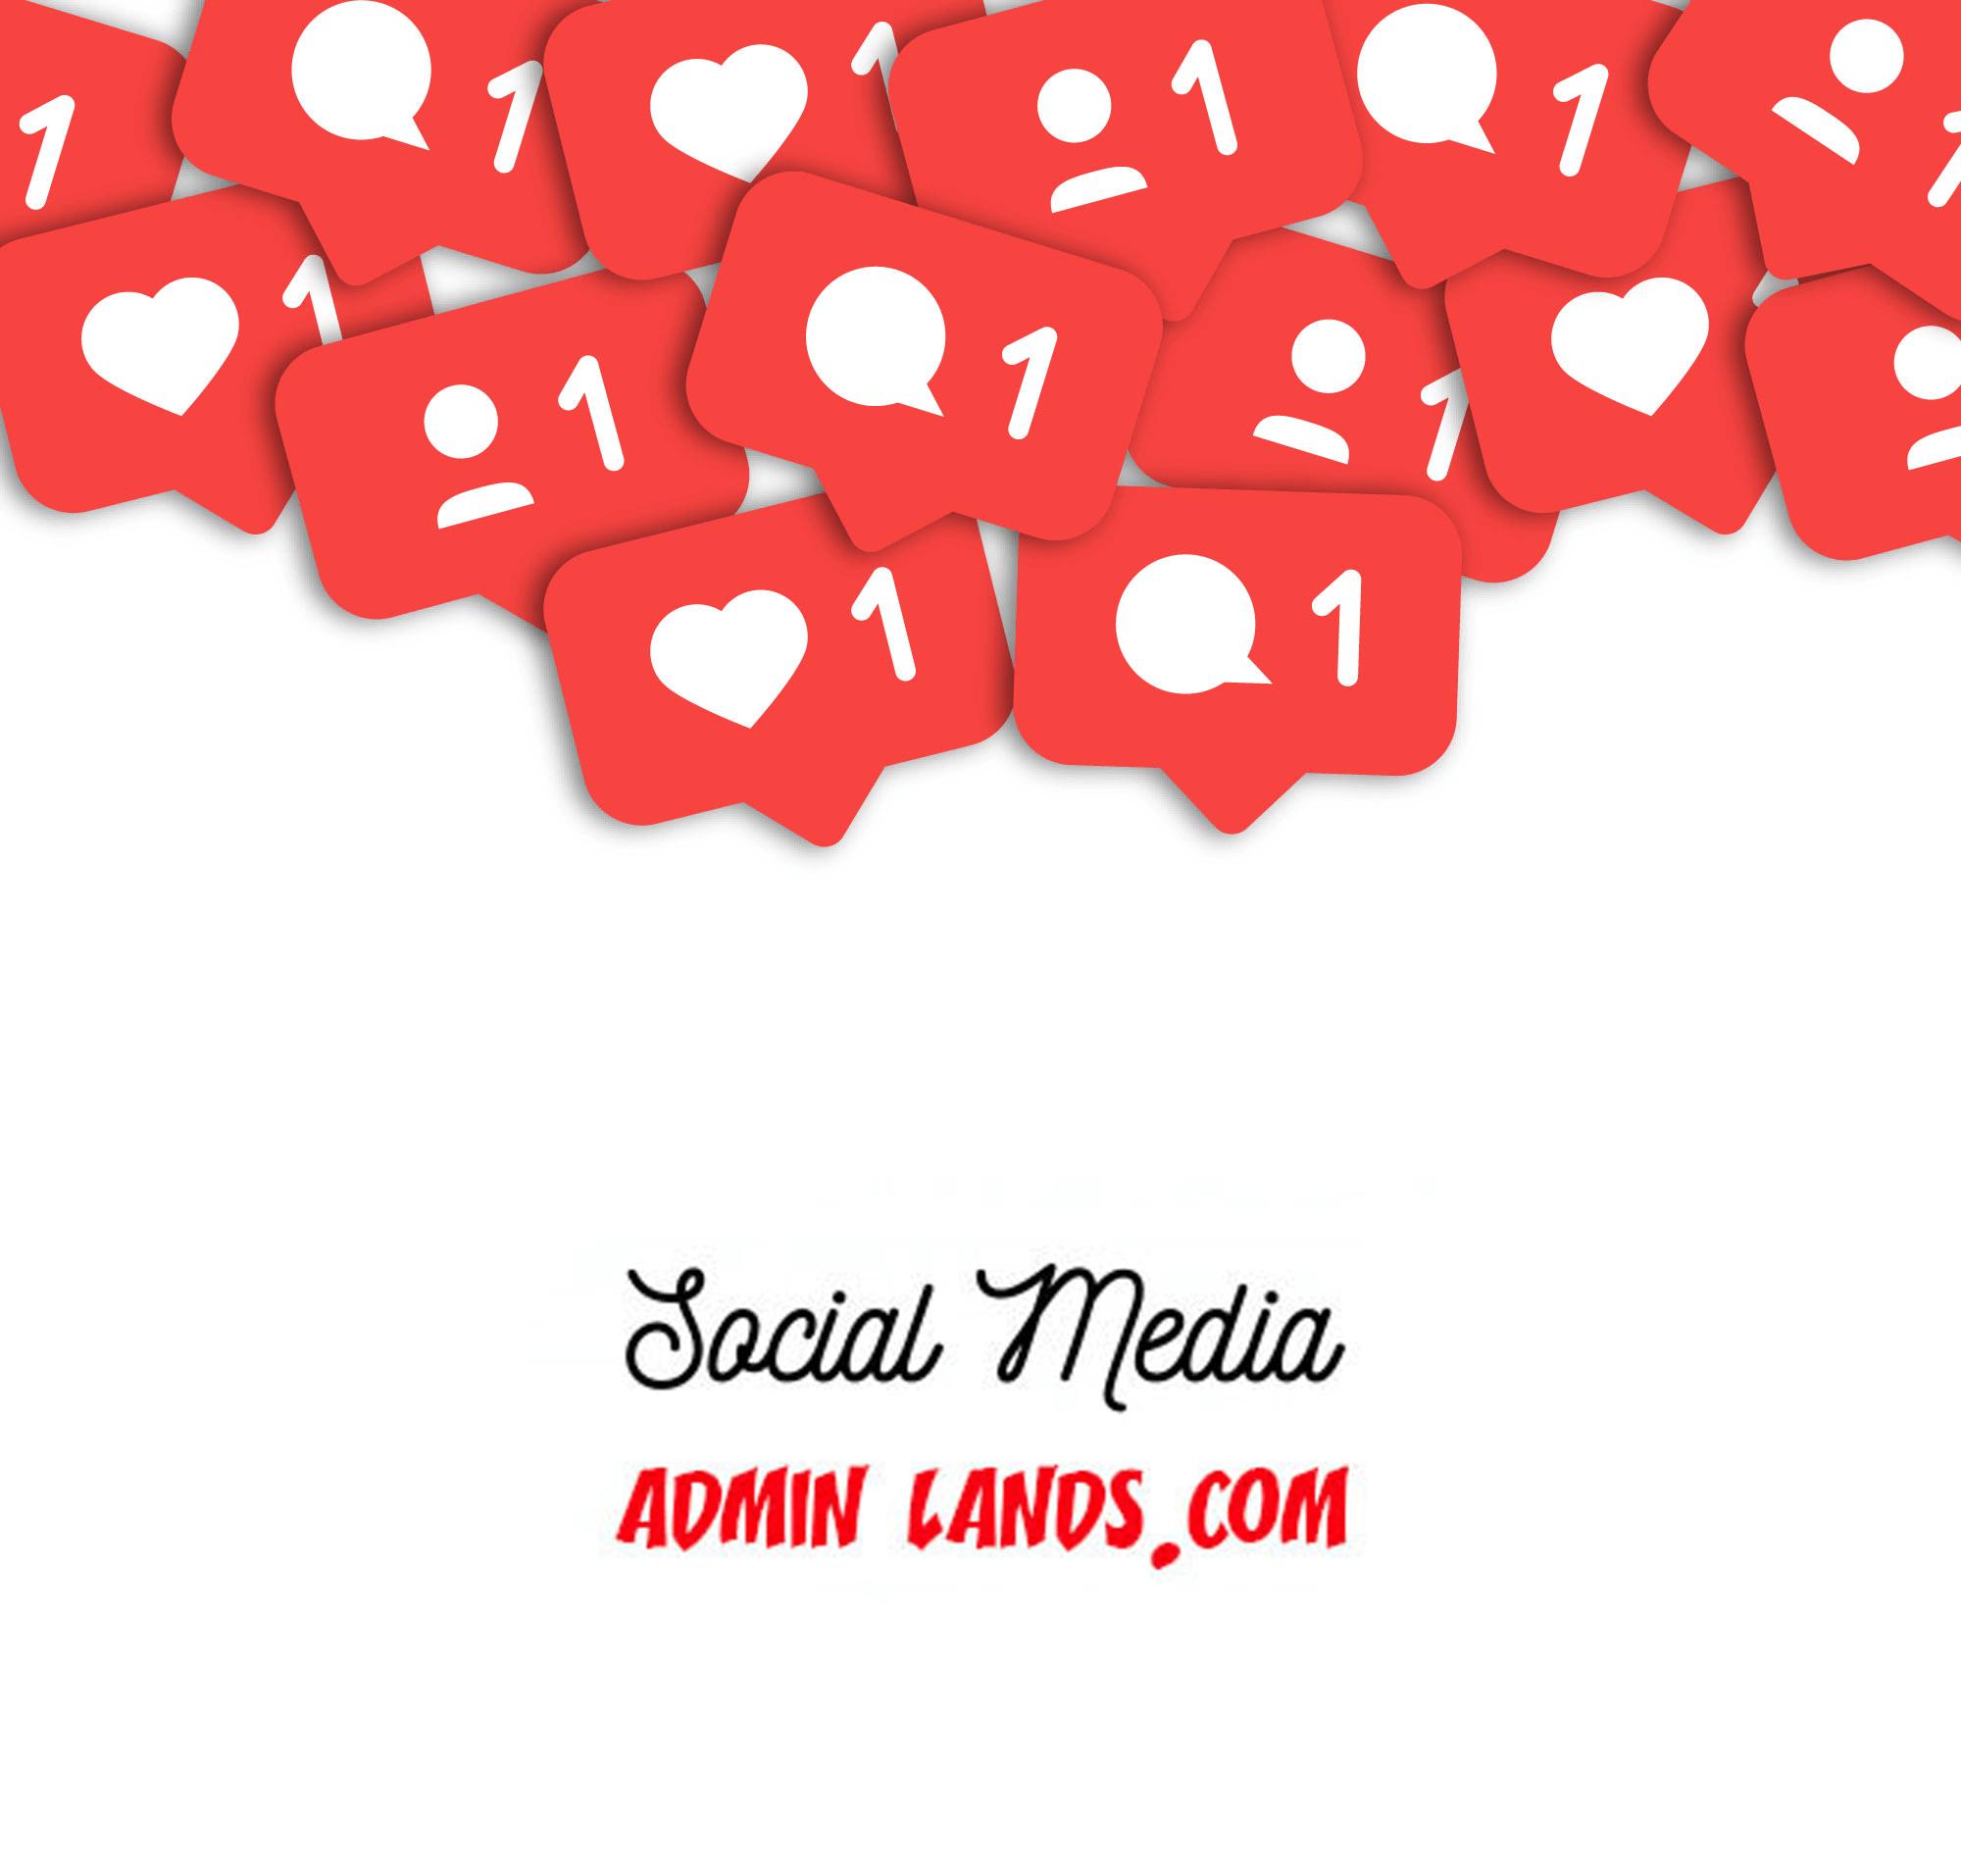 افزایش ویو در شبکات اجتماعی